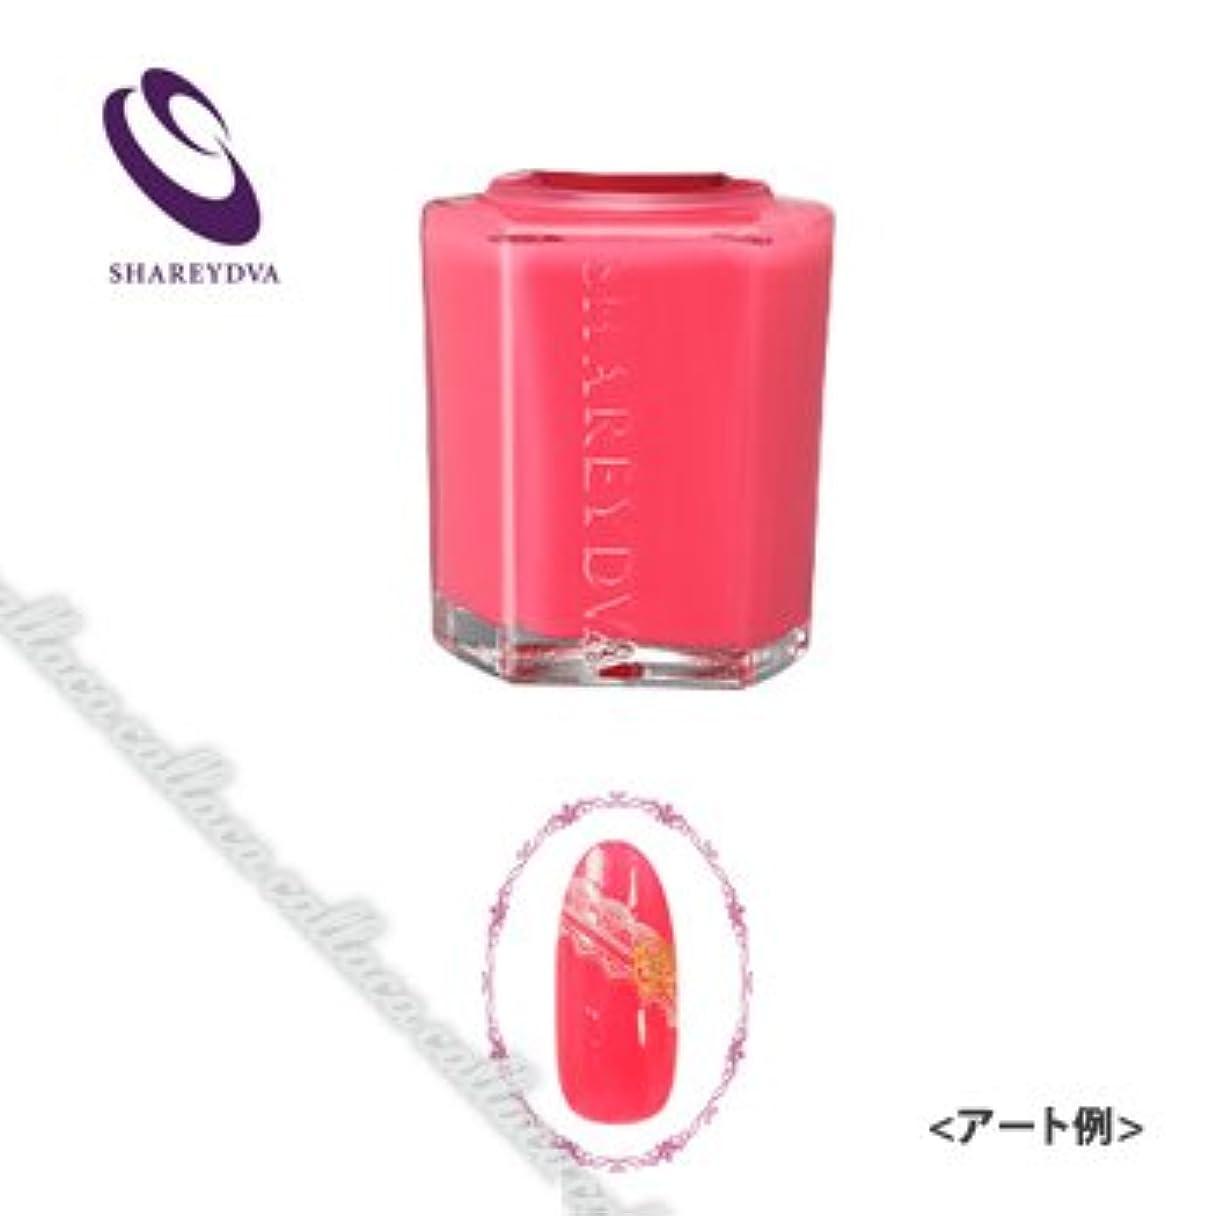 不正トースト制裁SHAREYDVAカラー No.35(15ml)